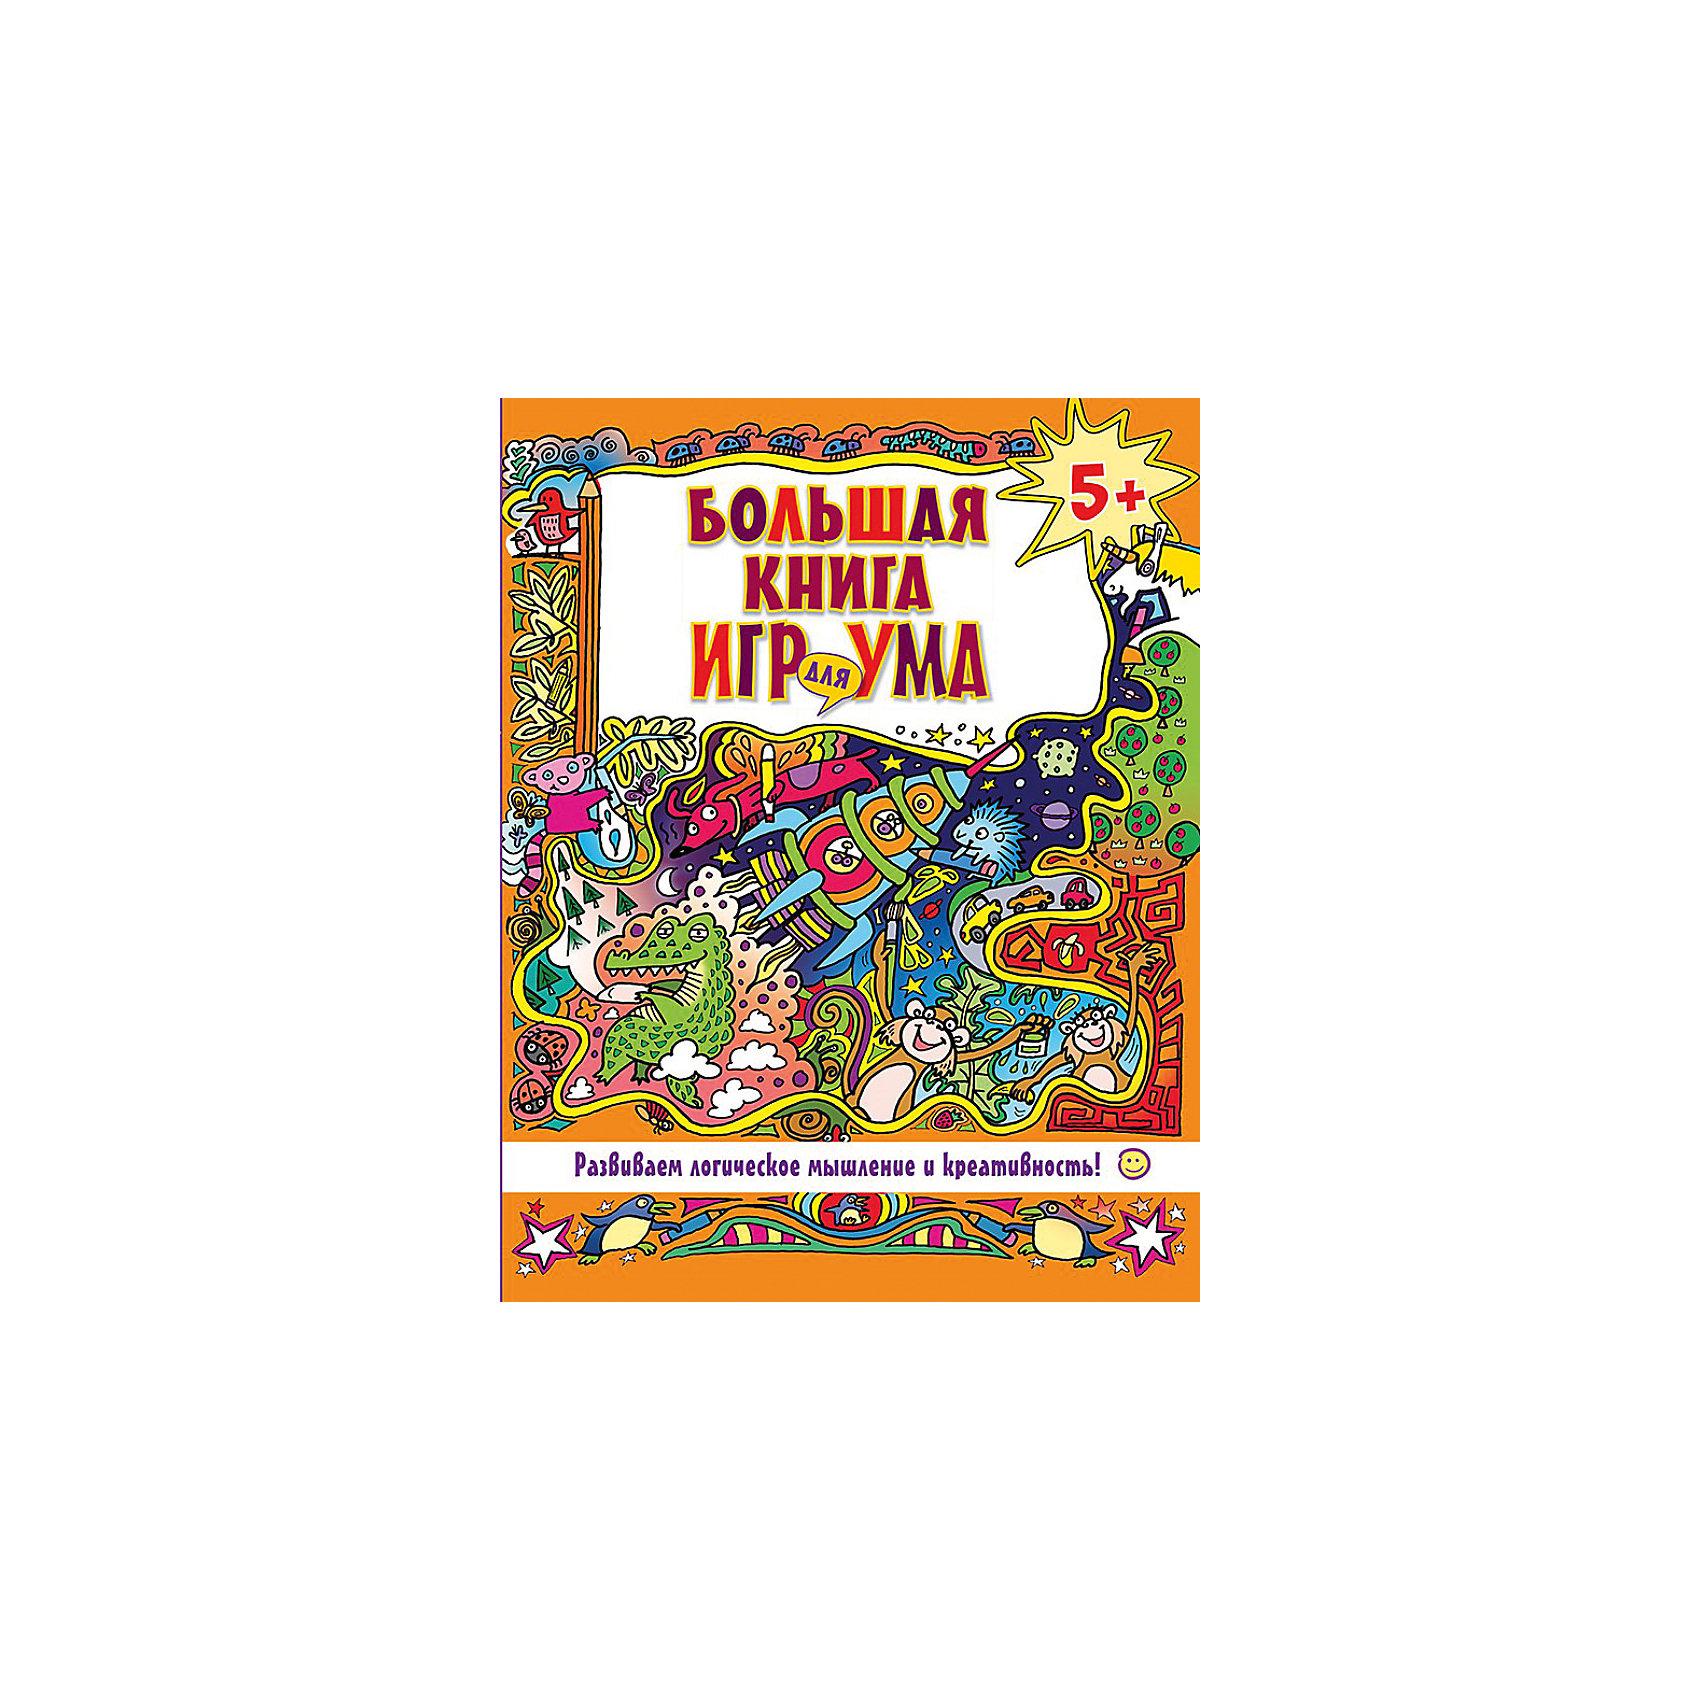 ПИТЕР Большая книга игр для ума (5+) книги издательство clever моя большая книга игр